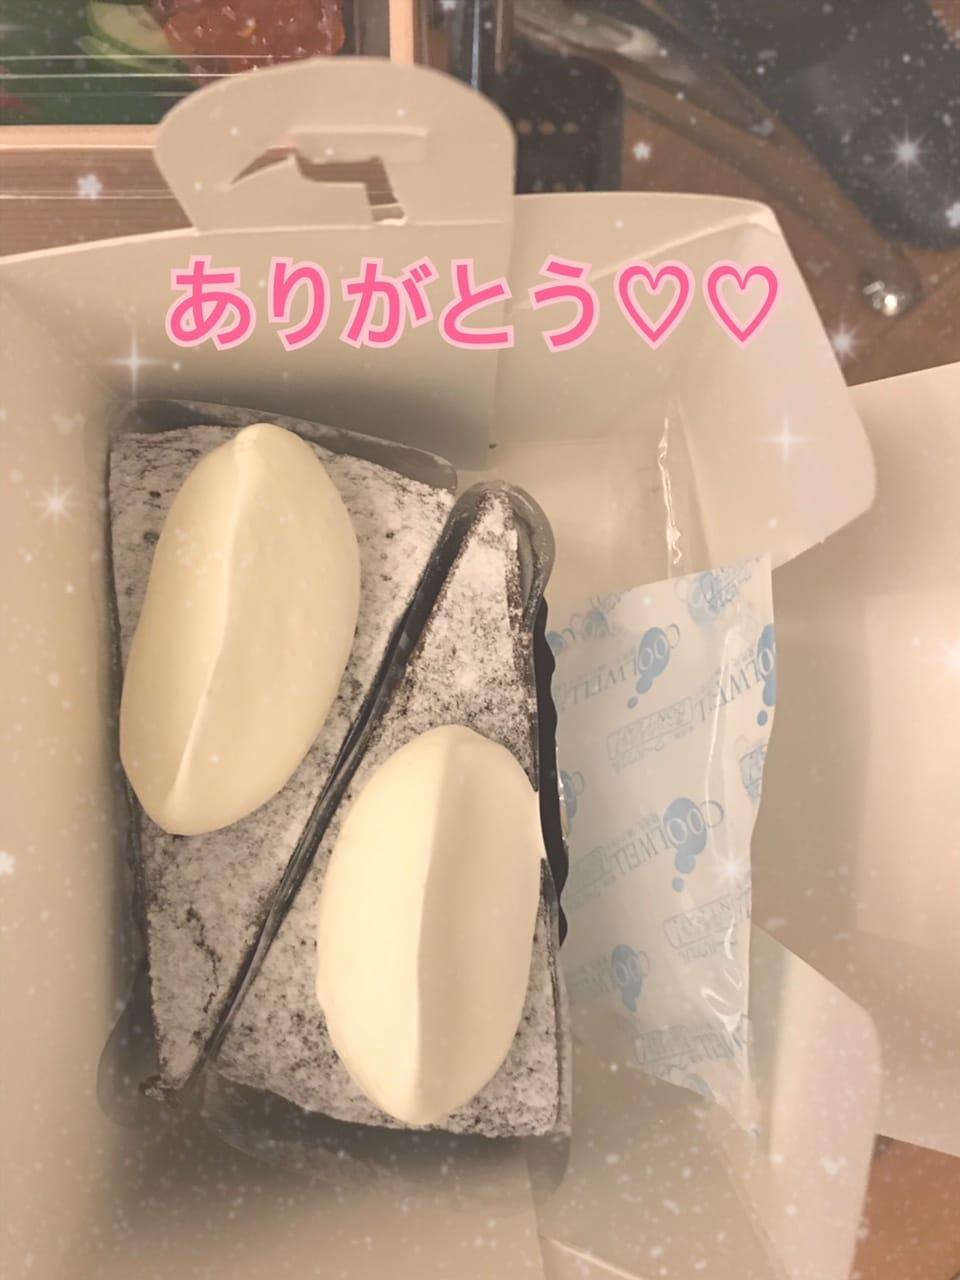 「久々の、、\(^^)/♡♡」02/10(02/10) 03:30 | れいらの写メ・風俗動画